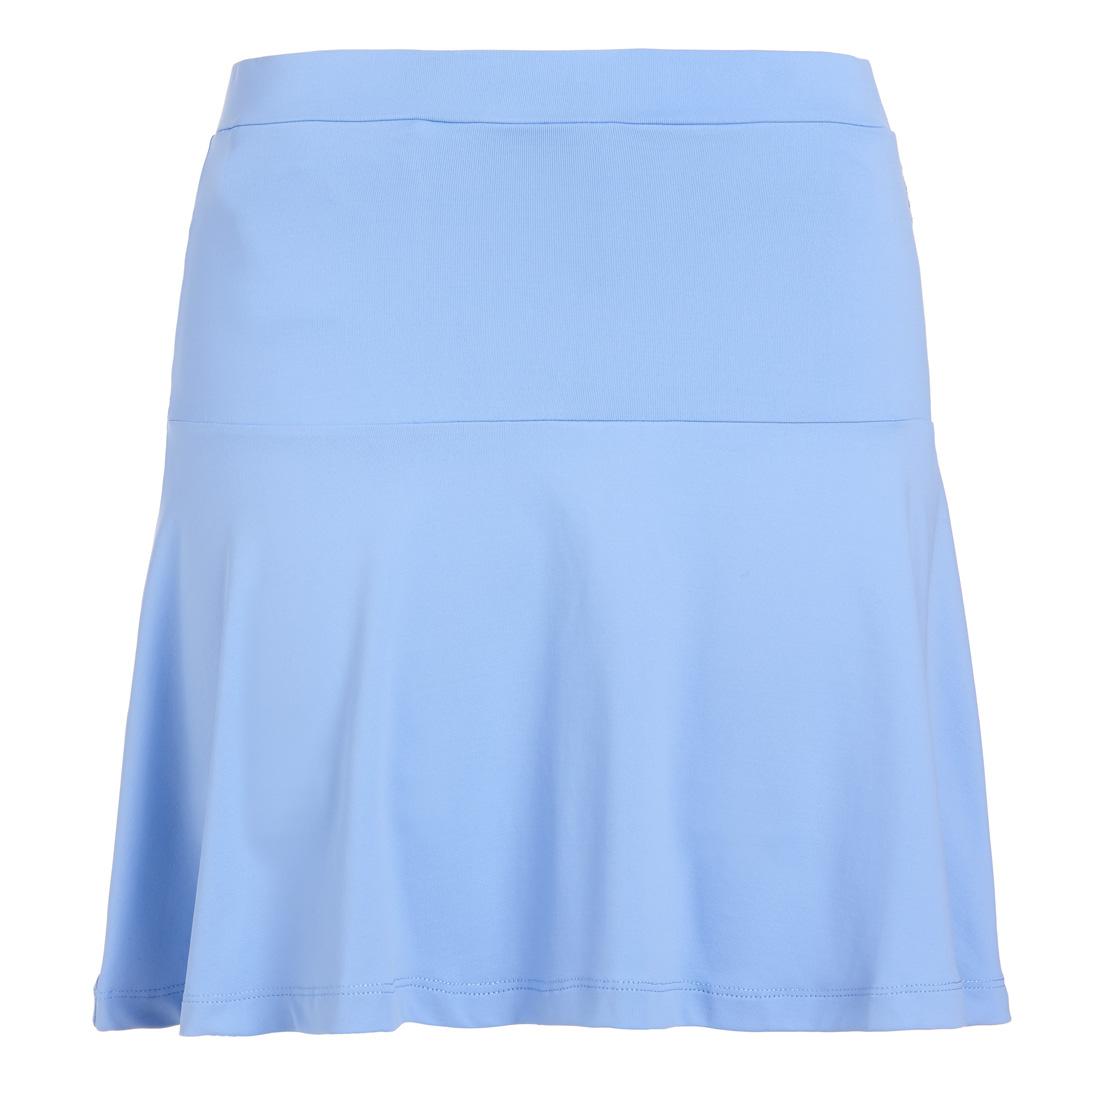 Kurzer Golfskort Dry Comfort aus weichem Lycra-Material